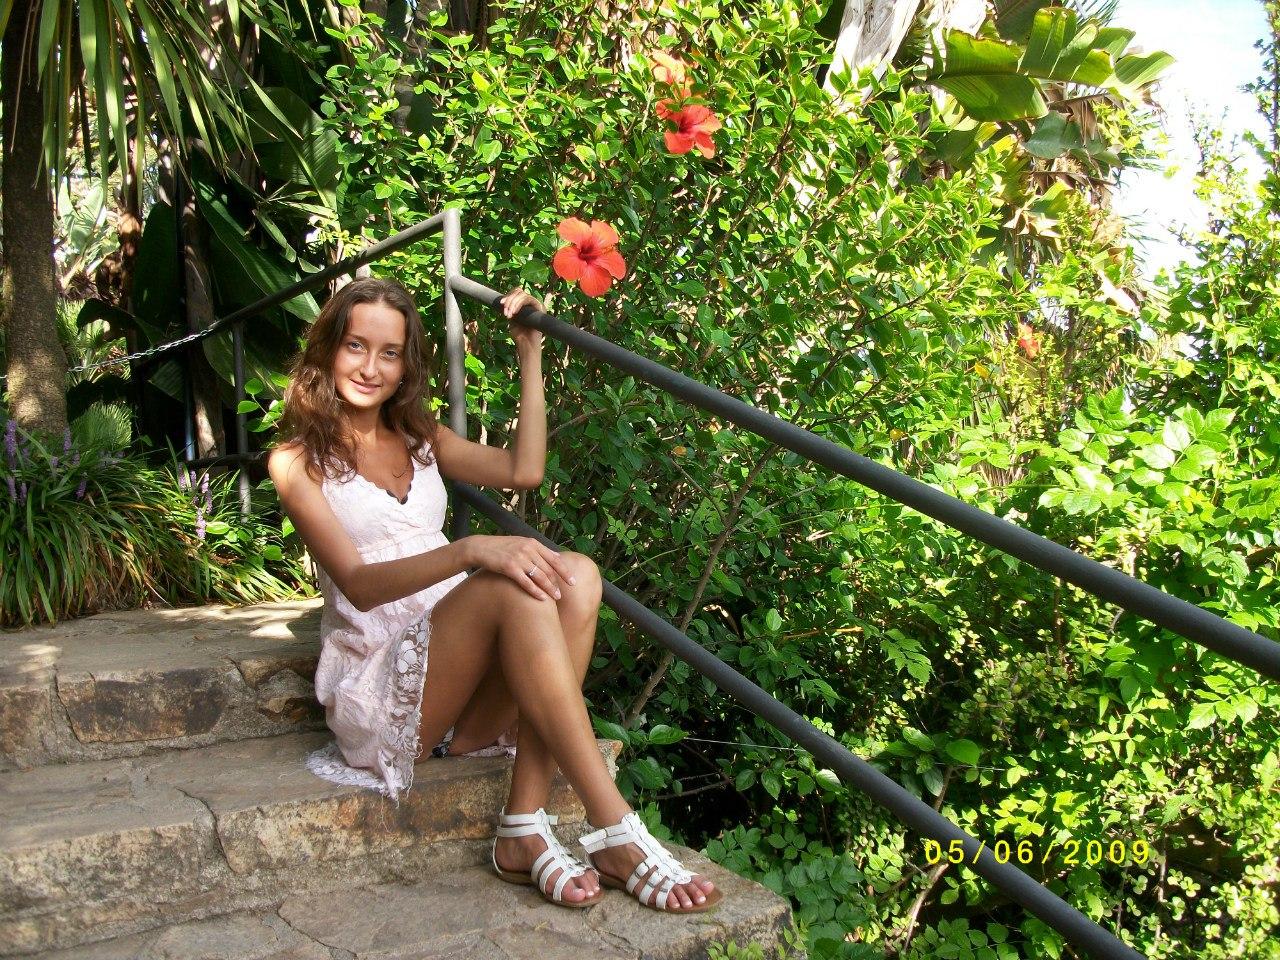 Девушка в легком платье светит трусиками с прокладкой